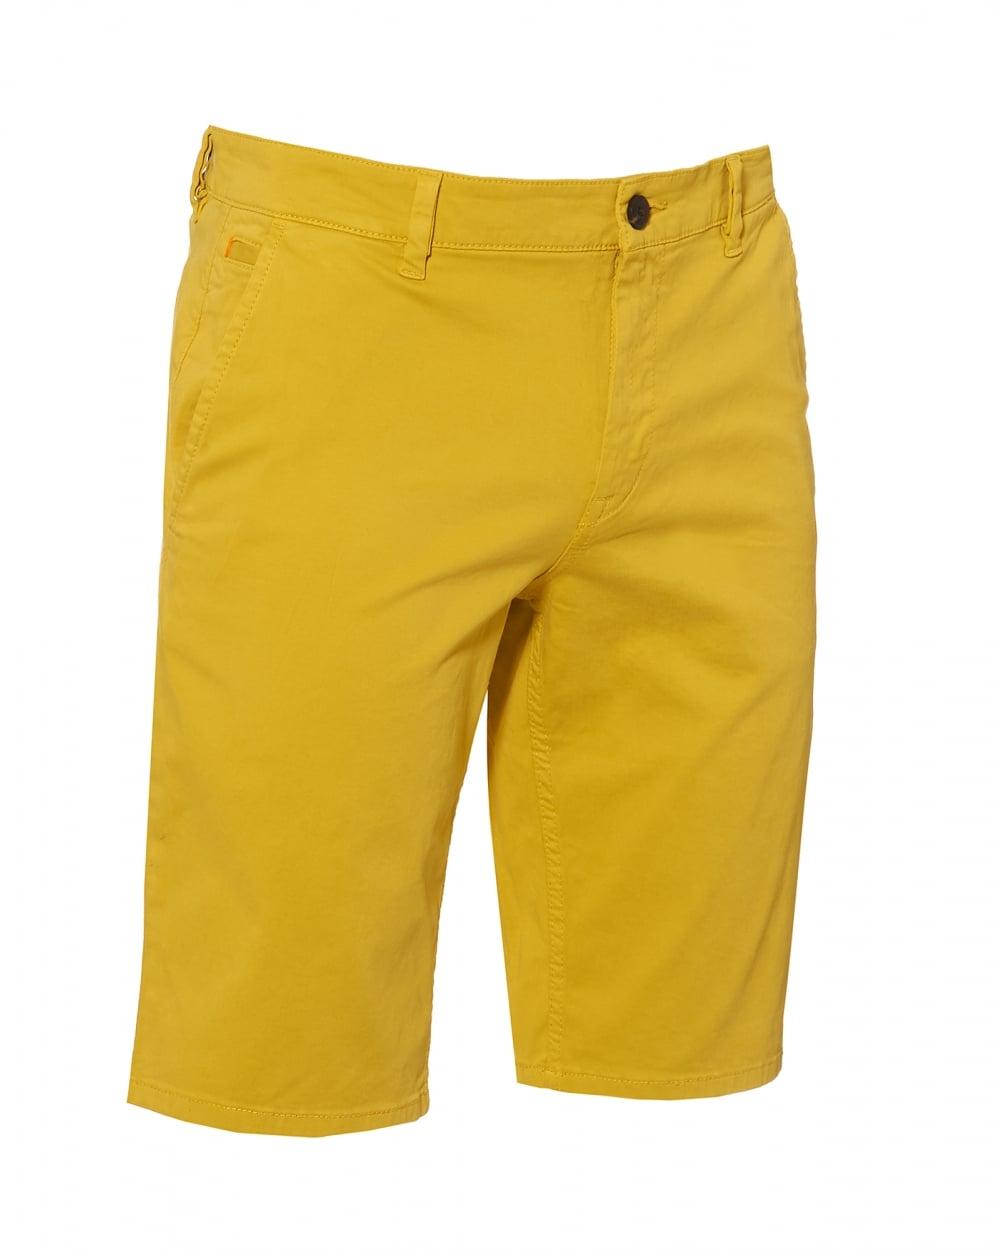 eaff7b54 Hugo Boss Orange Mens Schino Shorts, Slim Fit Yellow Chino Short